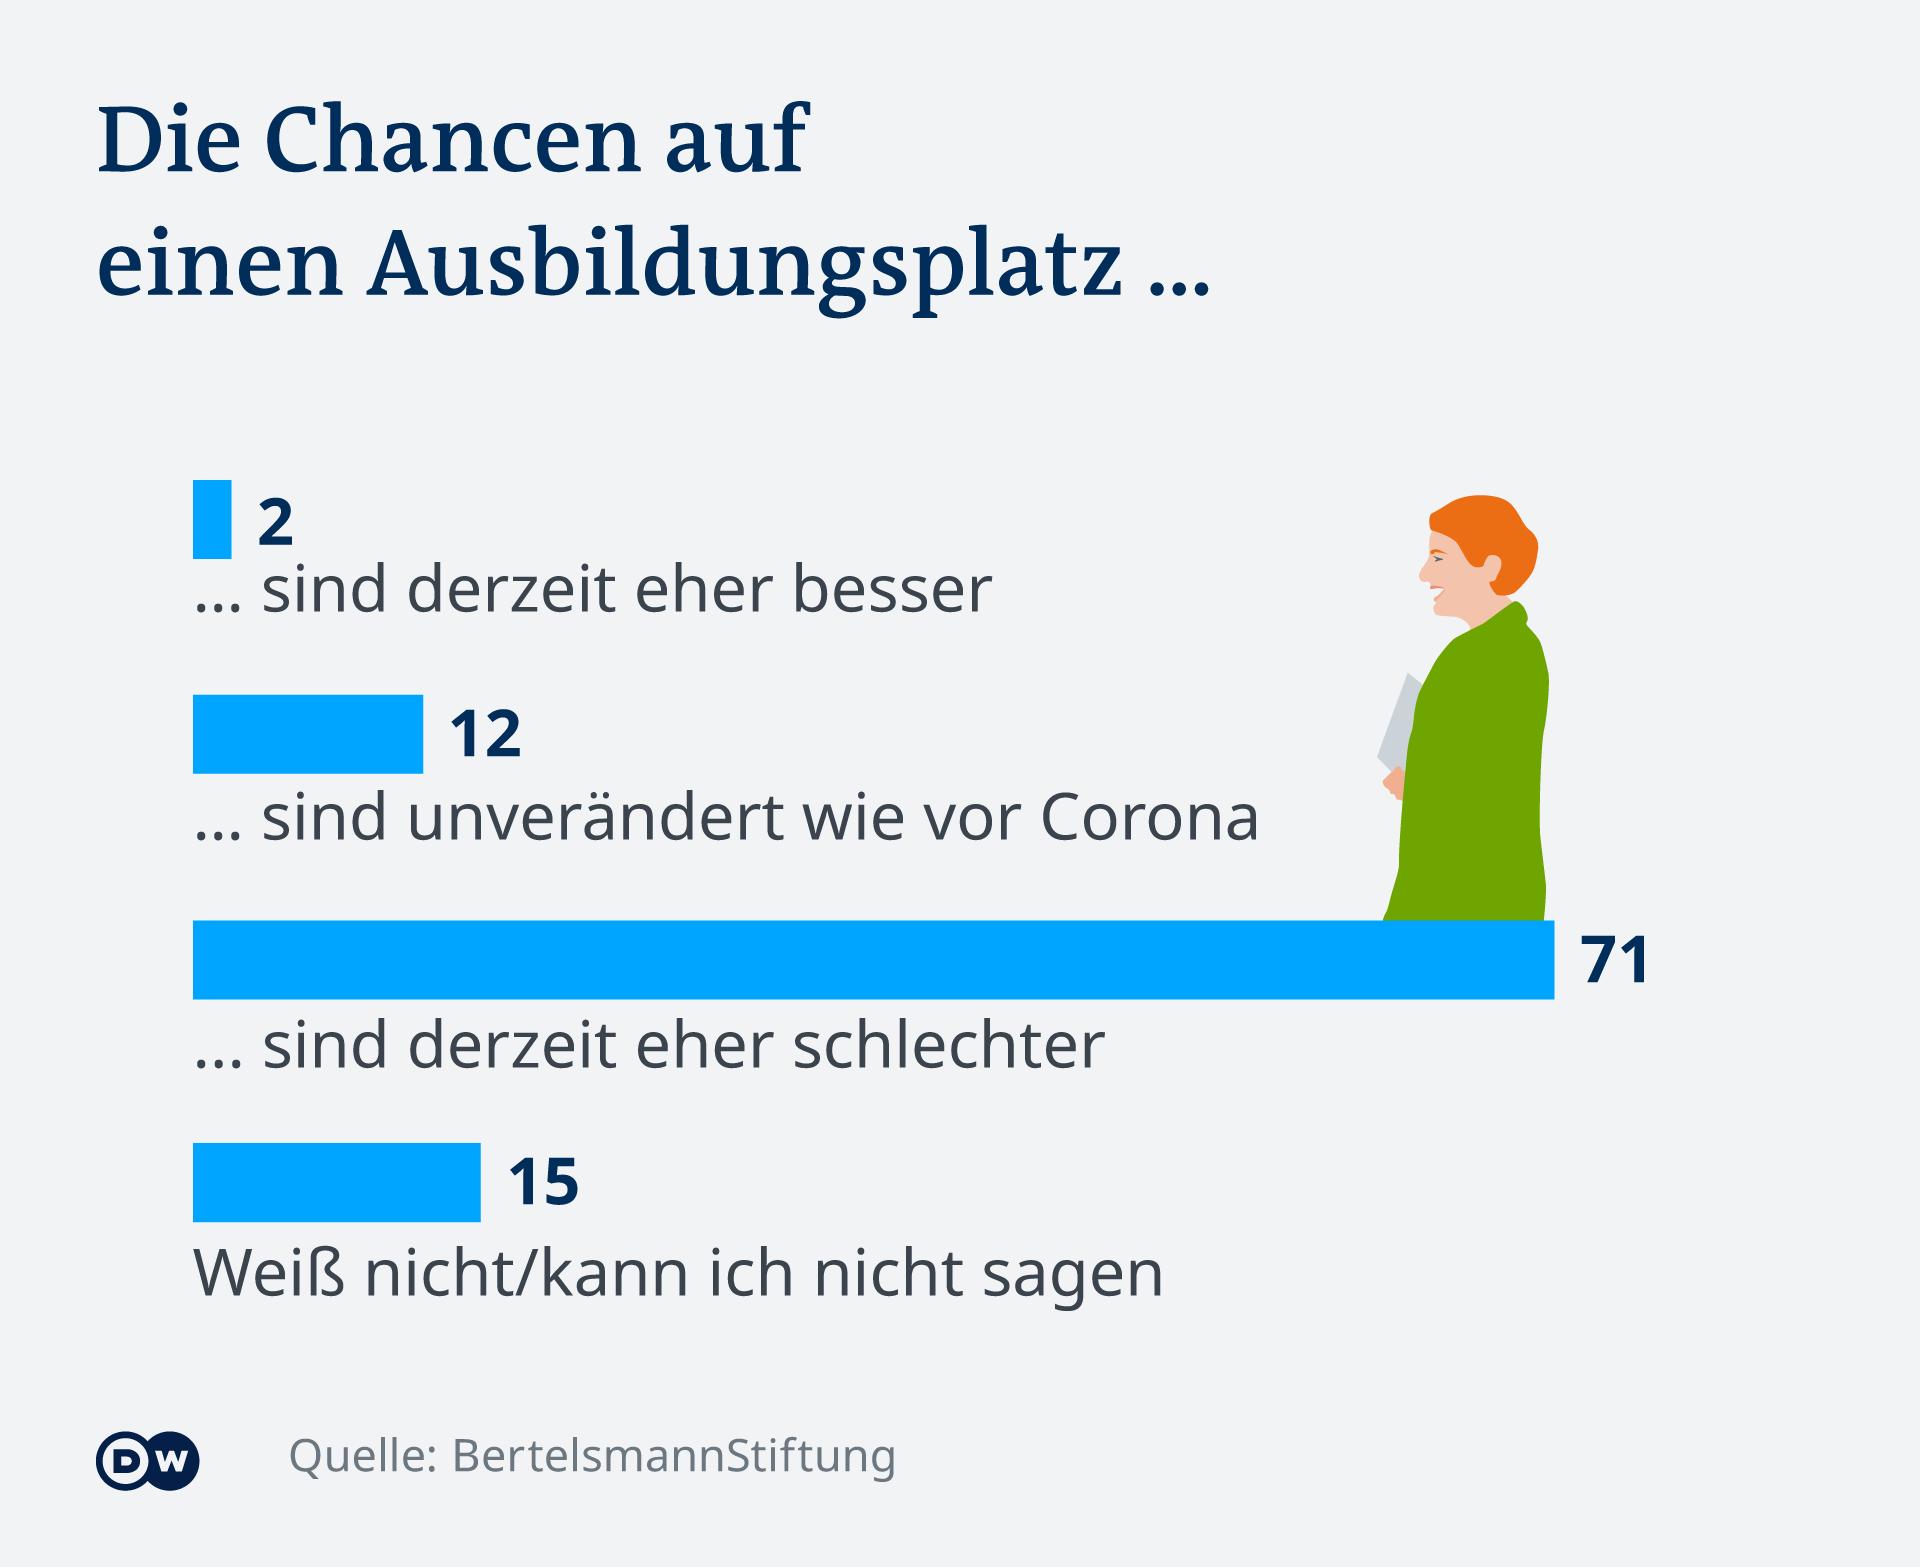 Infografik Deutschland, Die Chancen auf einen Ausbildungsplatz DE